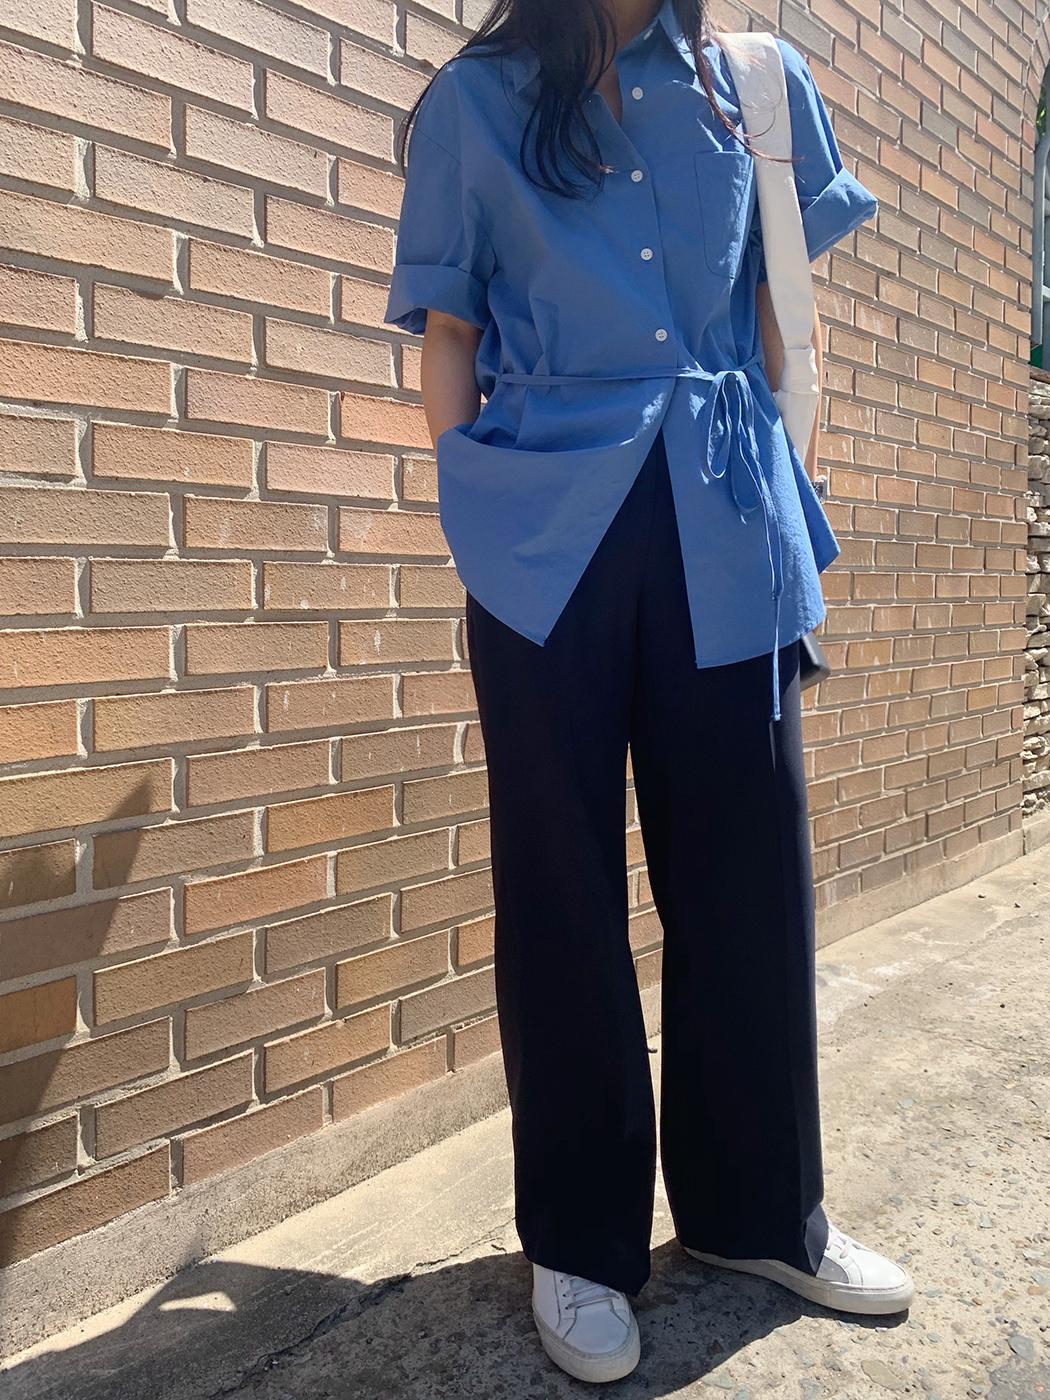 GENTLE dressy SLACKSver. Summer Chalang Wide